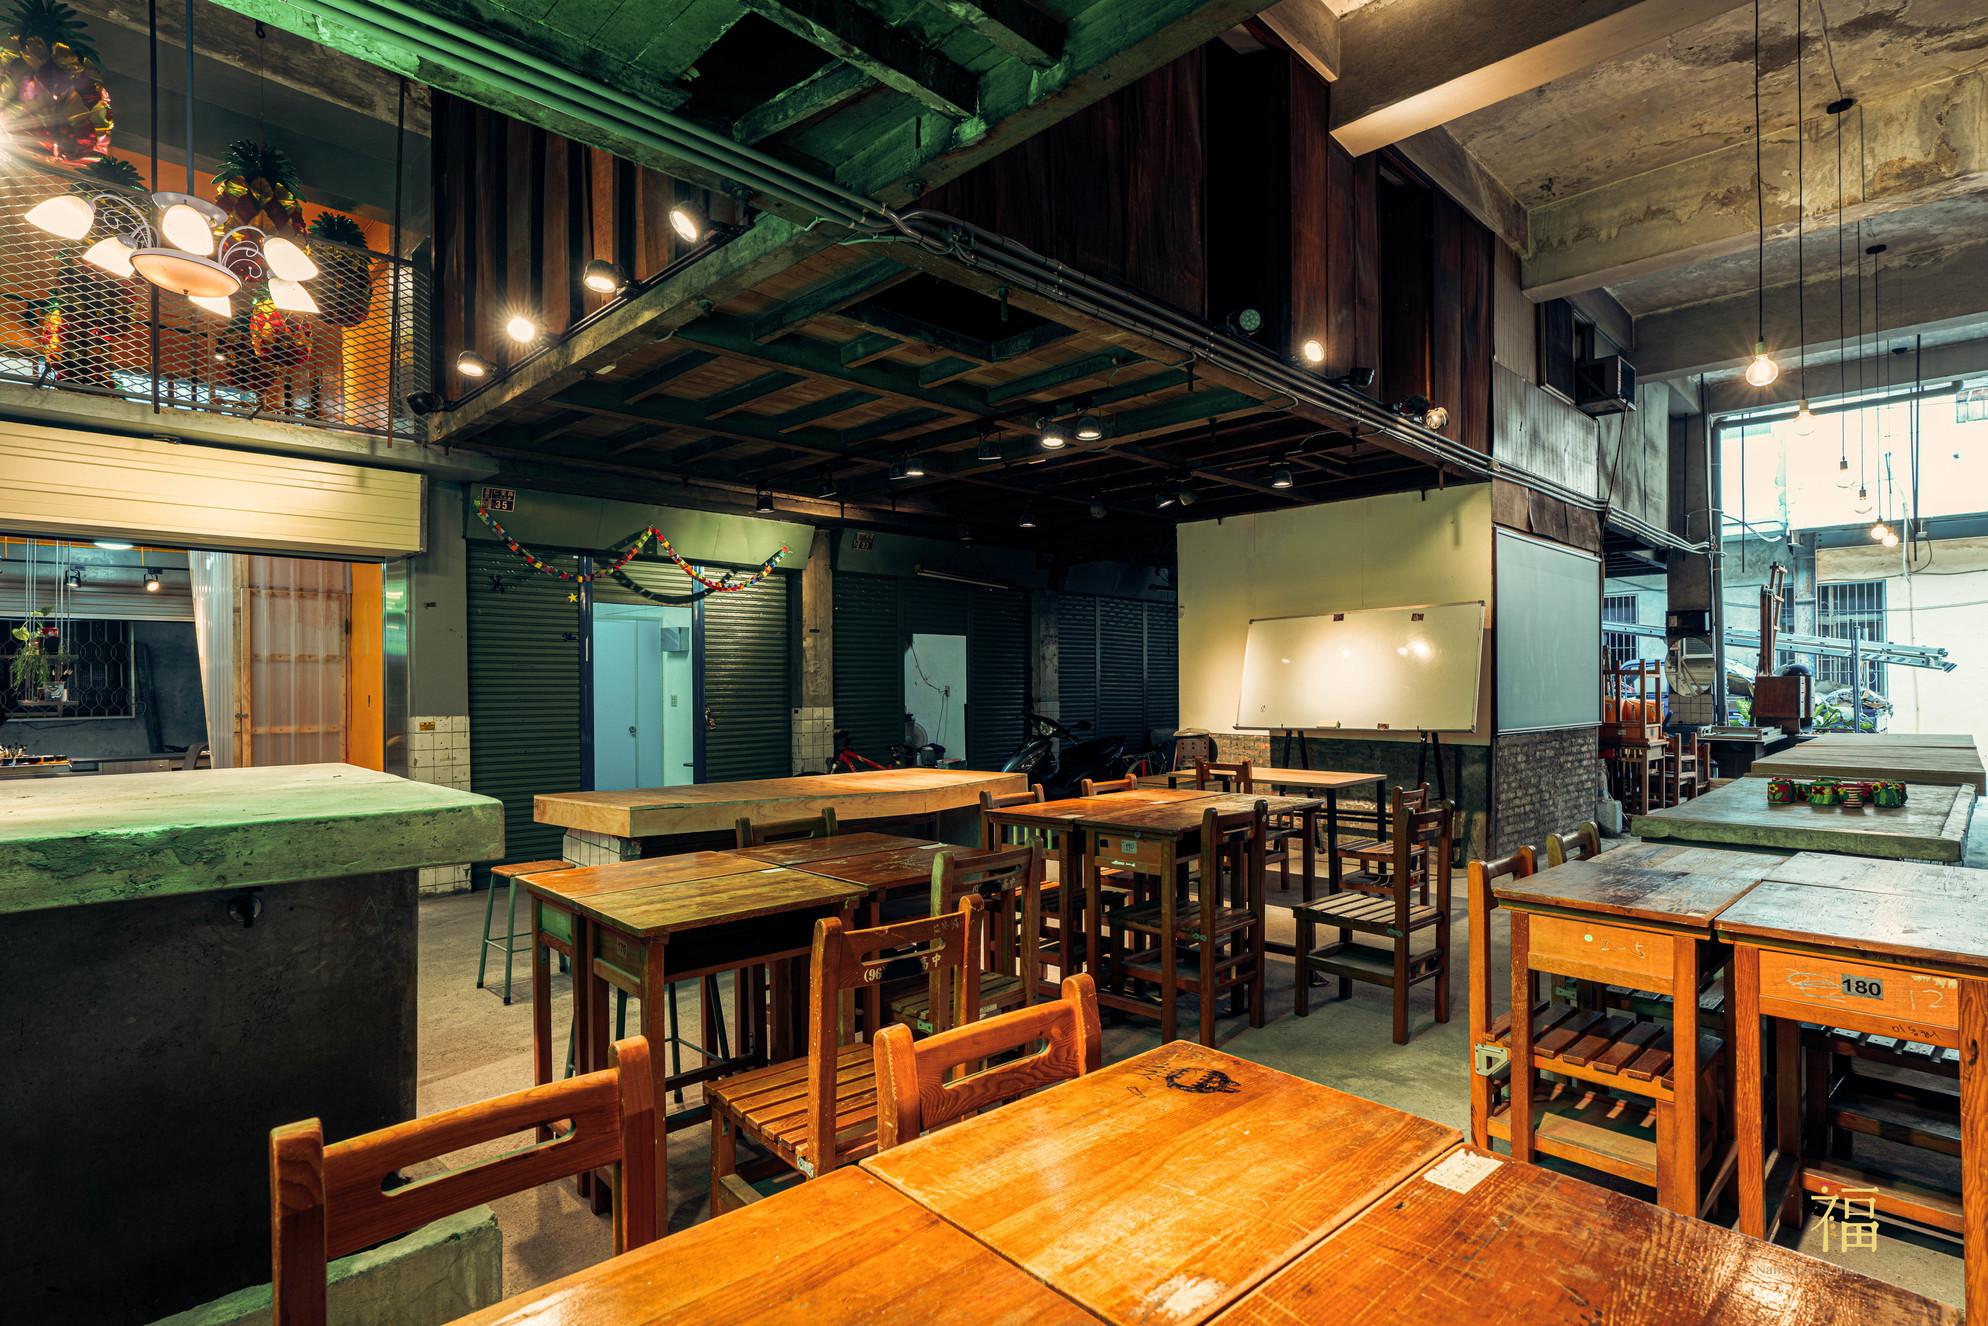 鳳梨會社5點0-c據點長照站|小福砌社區空間規劃設計